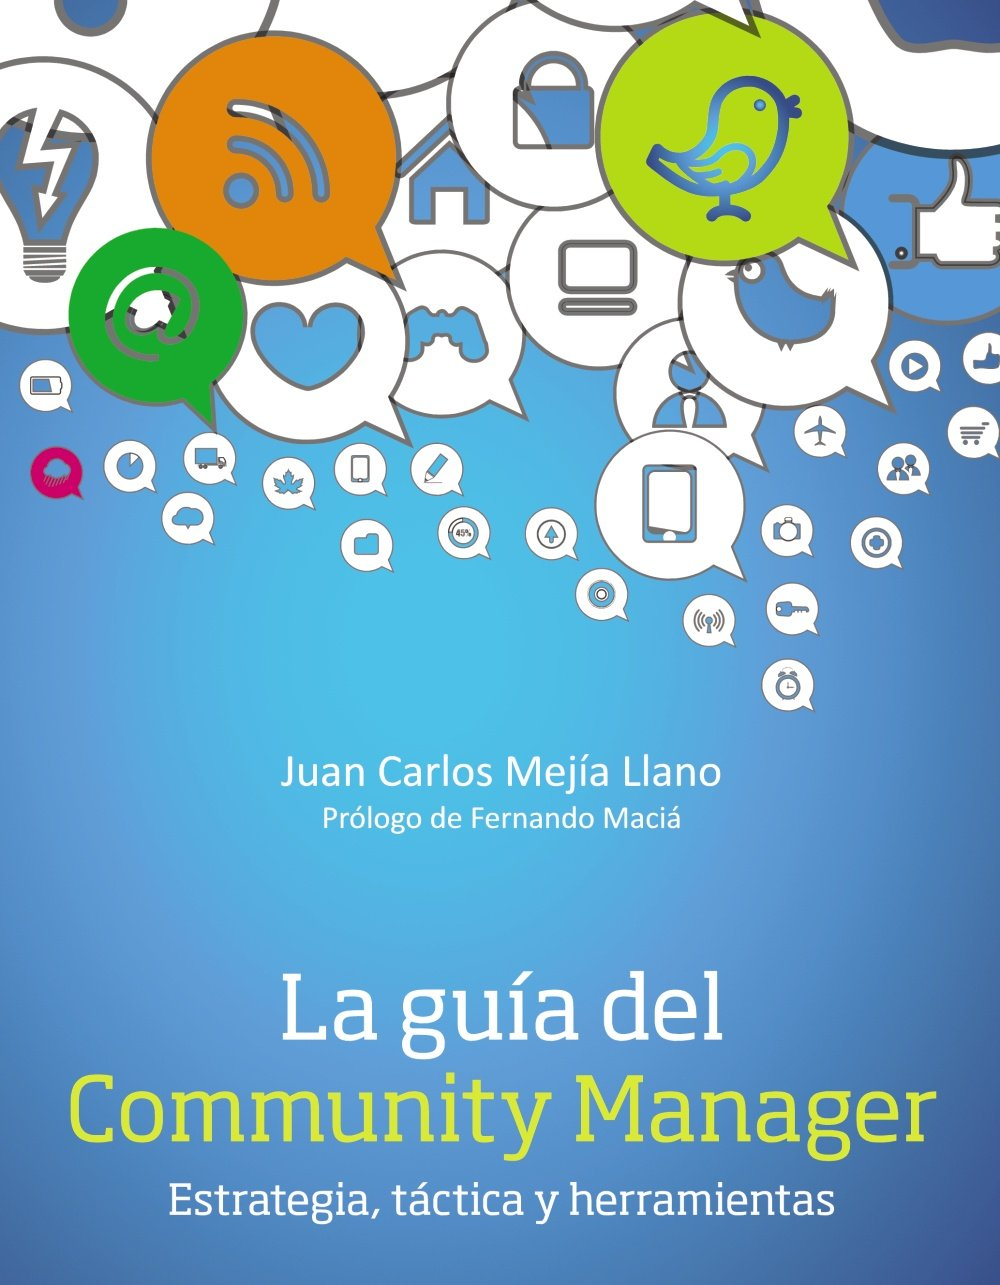 La guía del Community Manager. Estrategia, táctica y herramientas (Social Media)